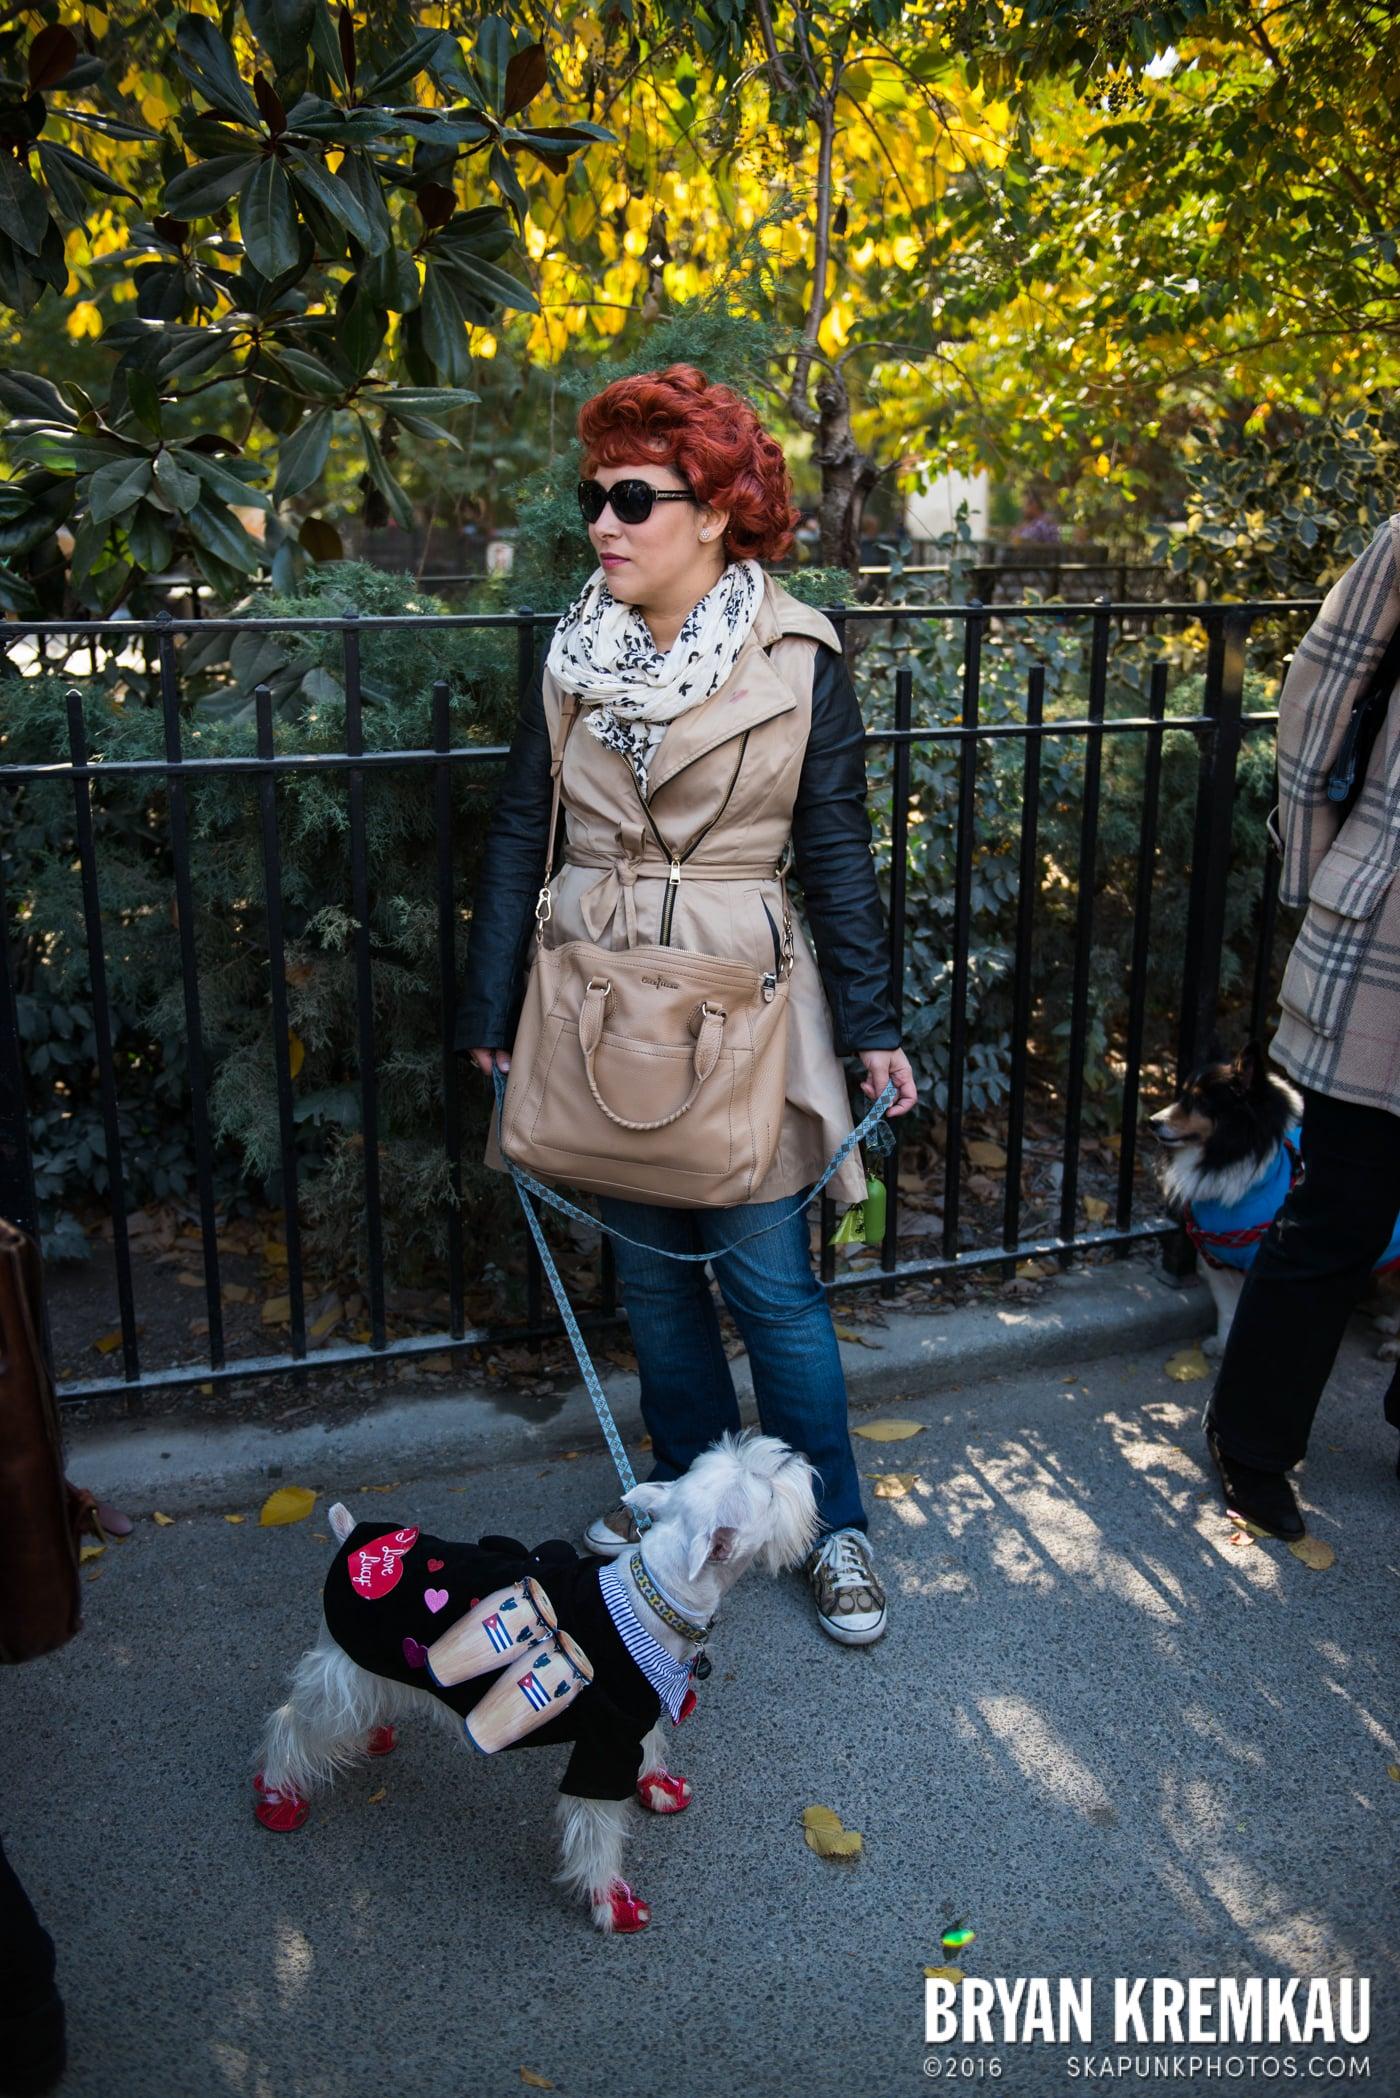 Tompkins Square Halloween Dog Parade 2013 @ Tompkins Square Park, NYC - 10.26.13 (55)